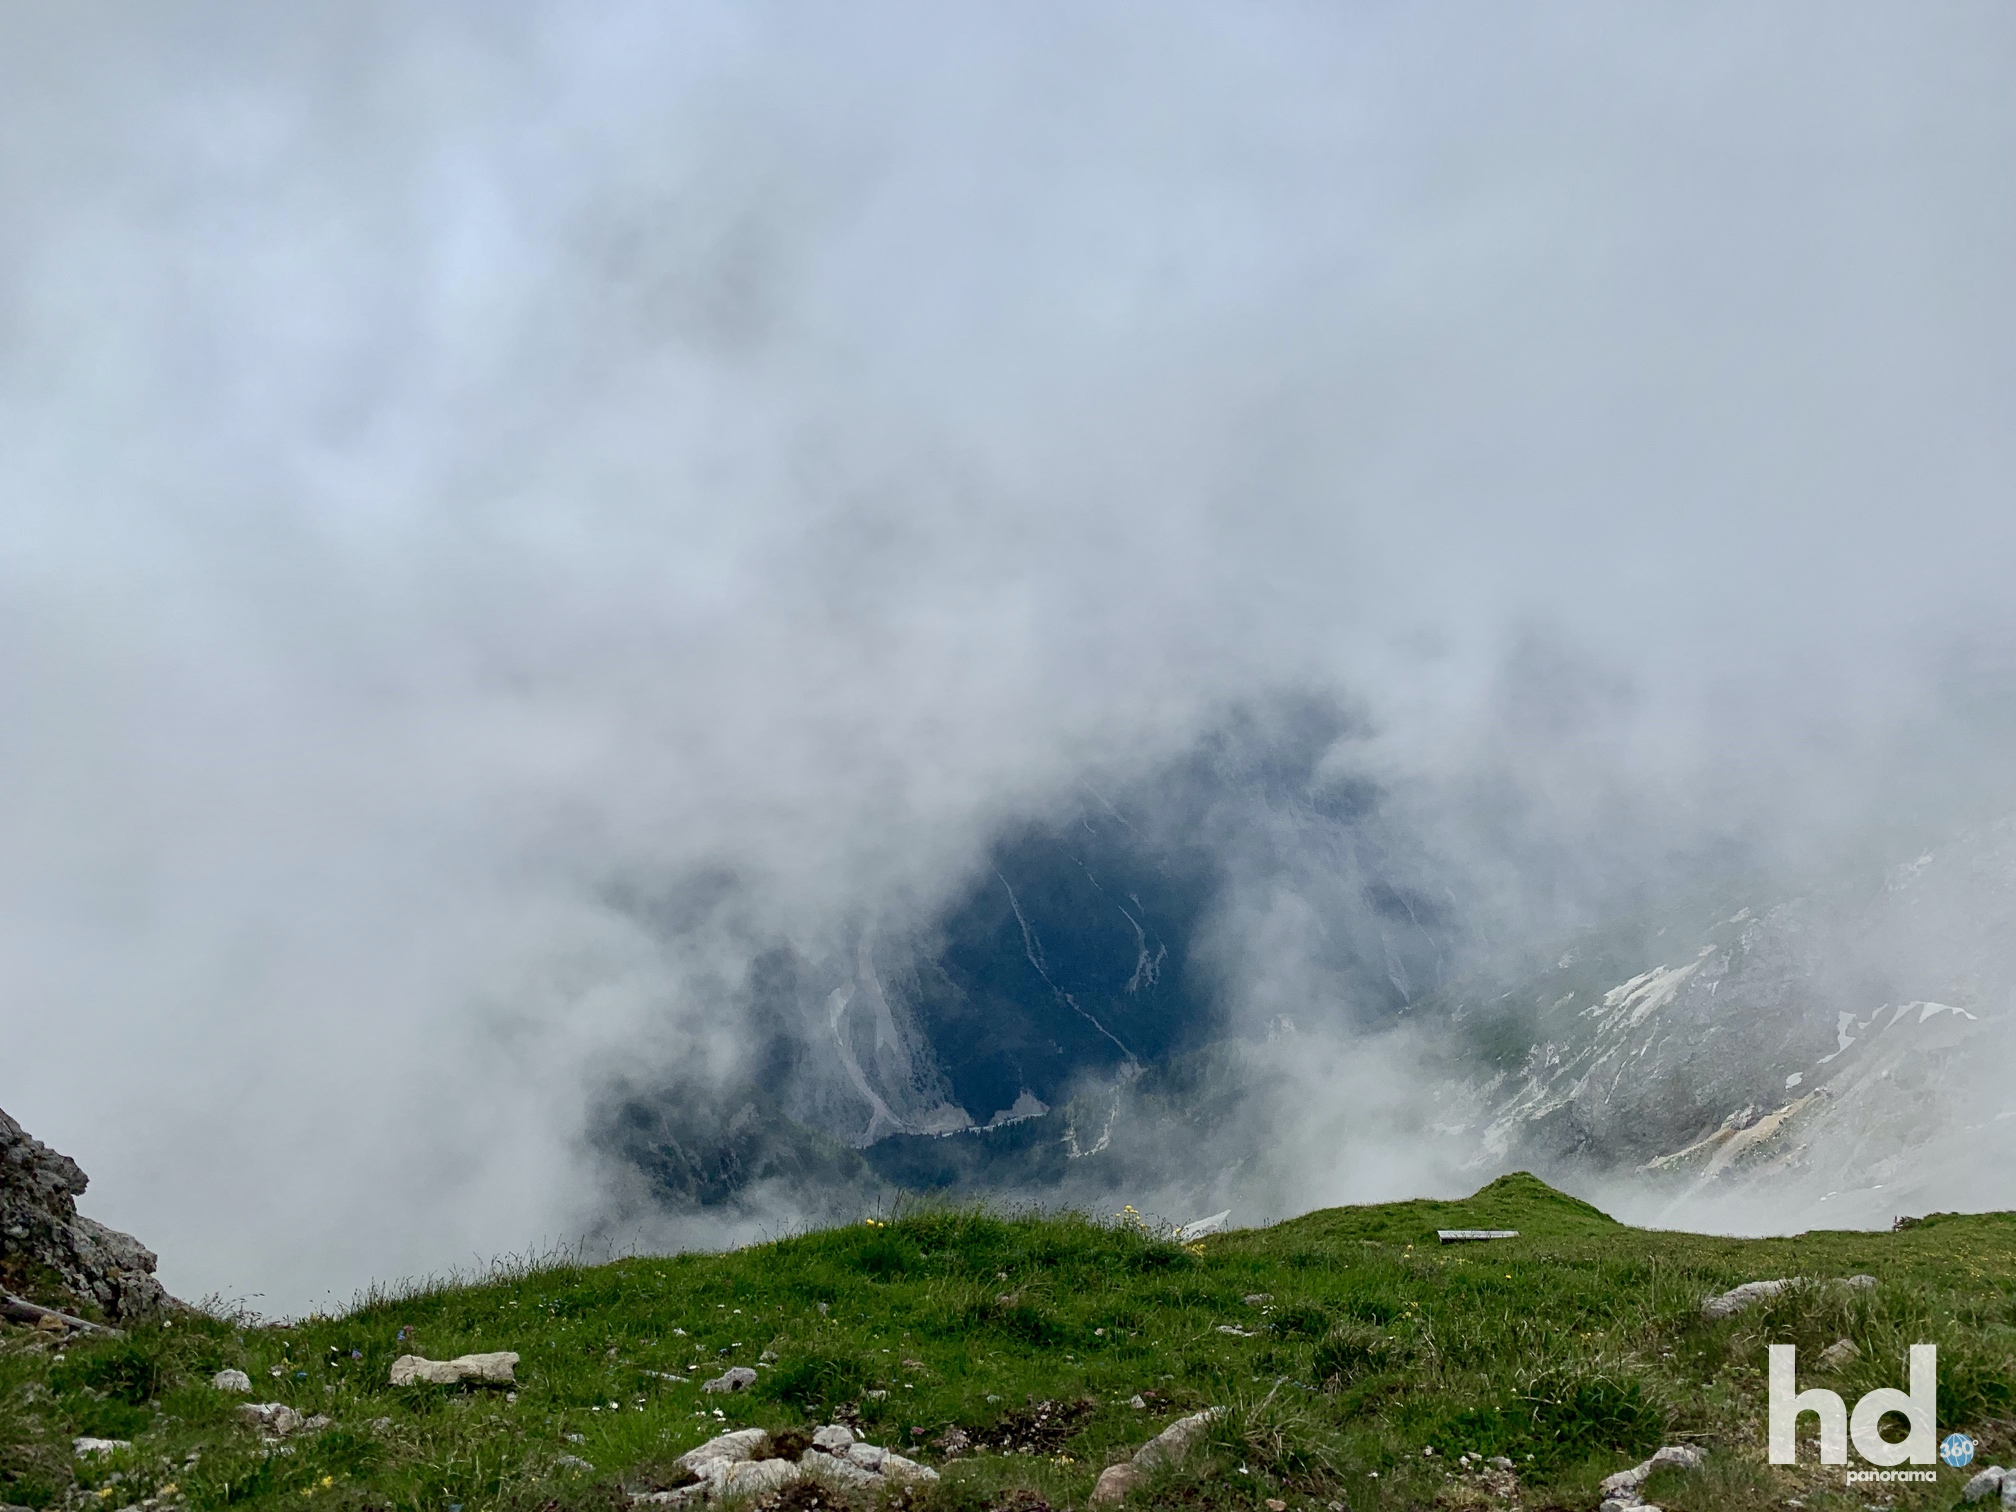 Westlicher Karwendelspitz, Mittenwald, Blickrichtung Süden (Österreich) verhülllt in Wolken, Foto © HD-Panorama